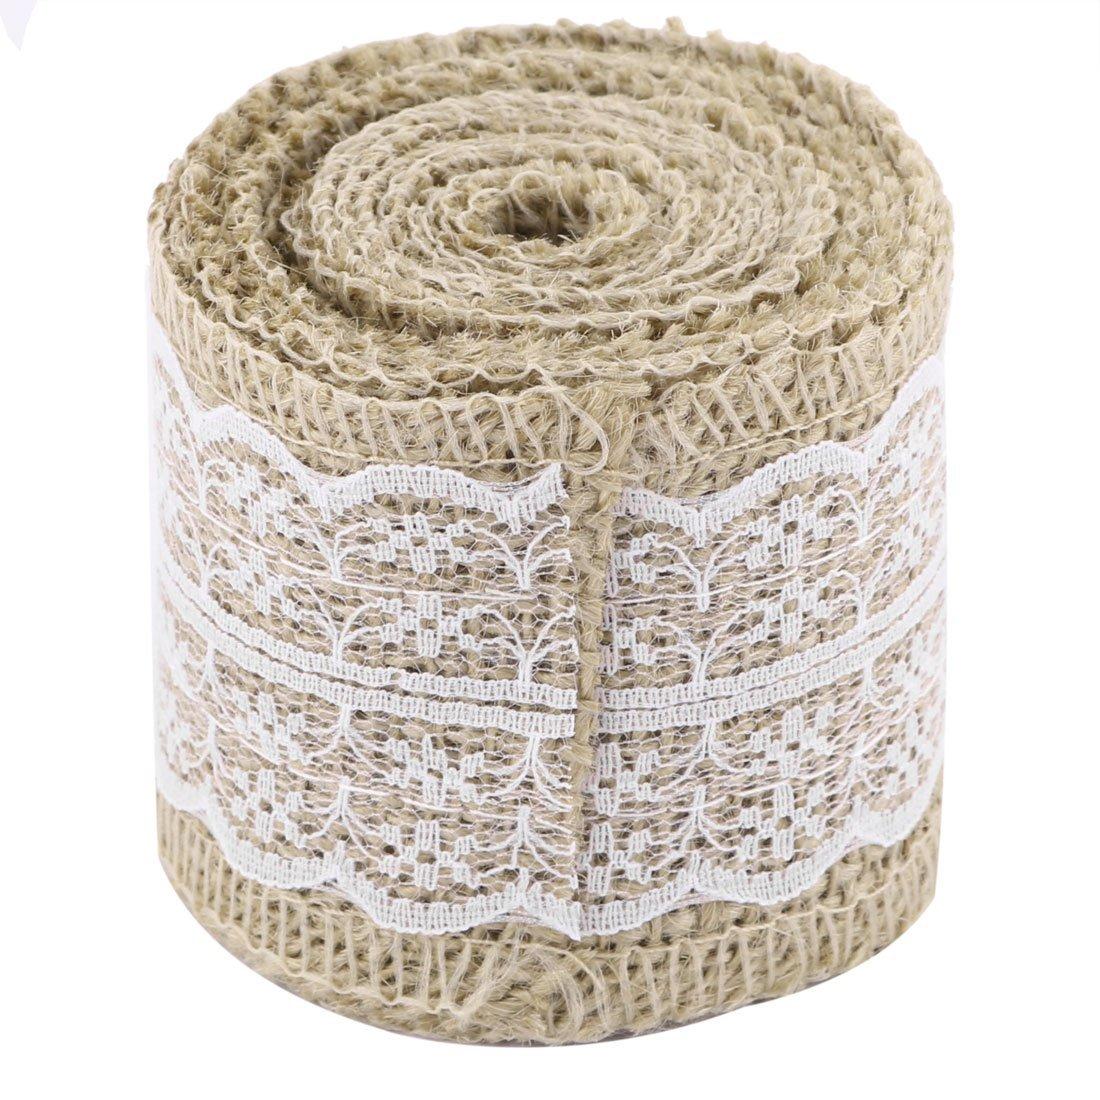 Amazon.com: Silla Vestido de Fiesta de la boda de lino eDealMax la Torta decoración de la caja DIY de la Cinta de costura Rollo 2.3 yardas Blanca: Health ...